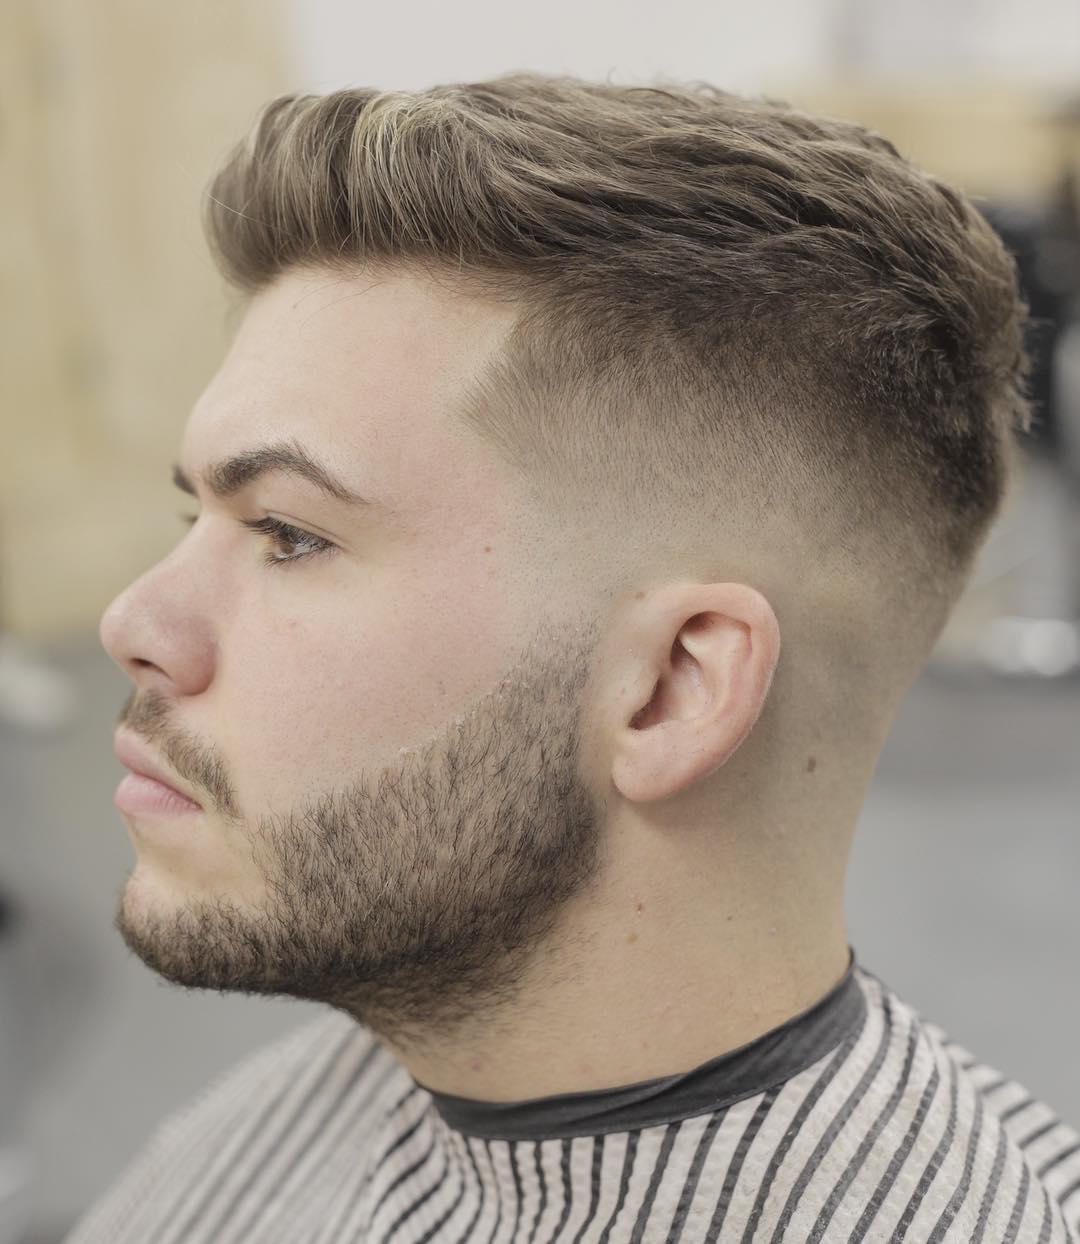 Wondrous 80 New Hairstyles For Men 2017 Short Hairstyles For Black Women Fulllsitofus